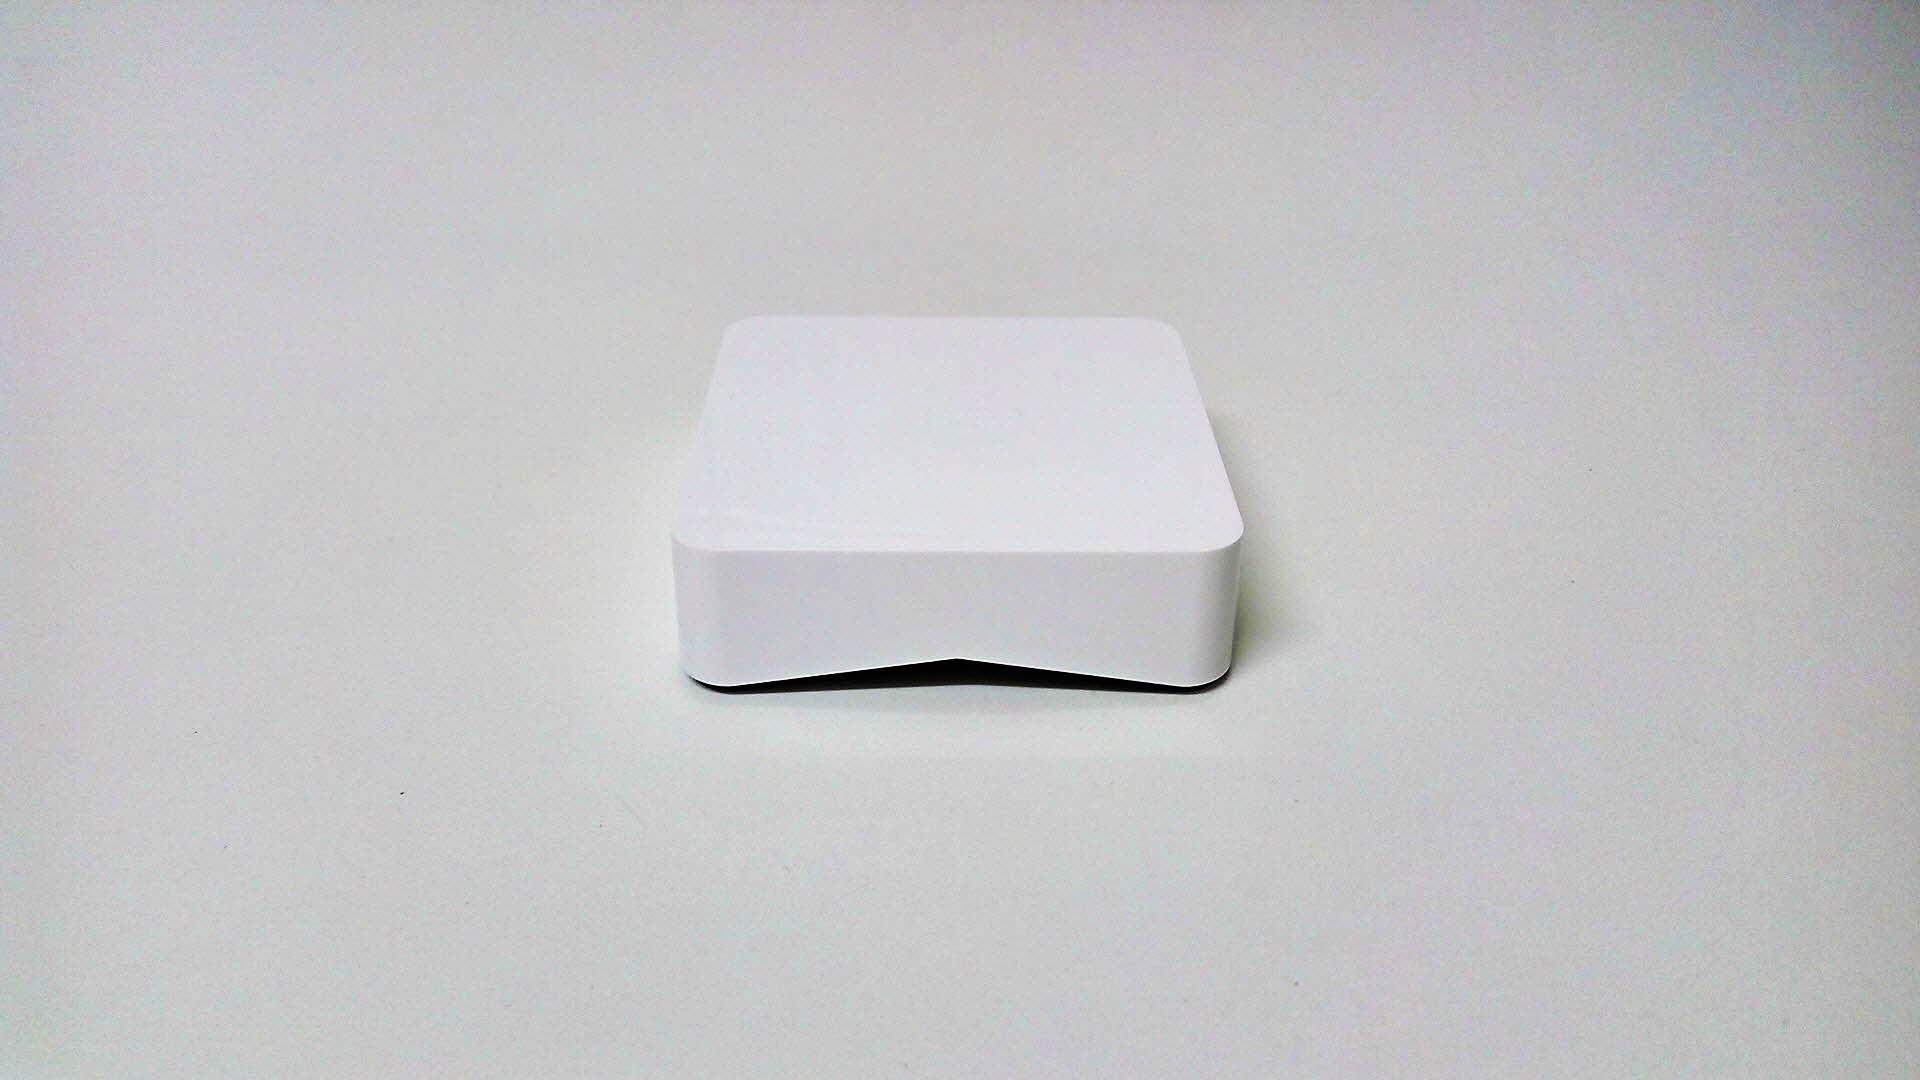 Análisis de Bitdefender Box en castellano